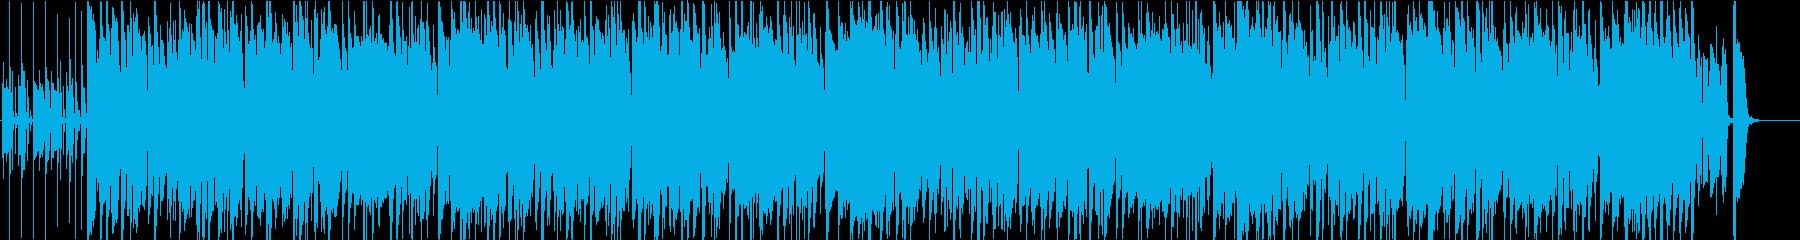 明るくてかっこよいロックPop(短縮版)の再生済みの波形